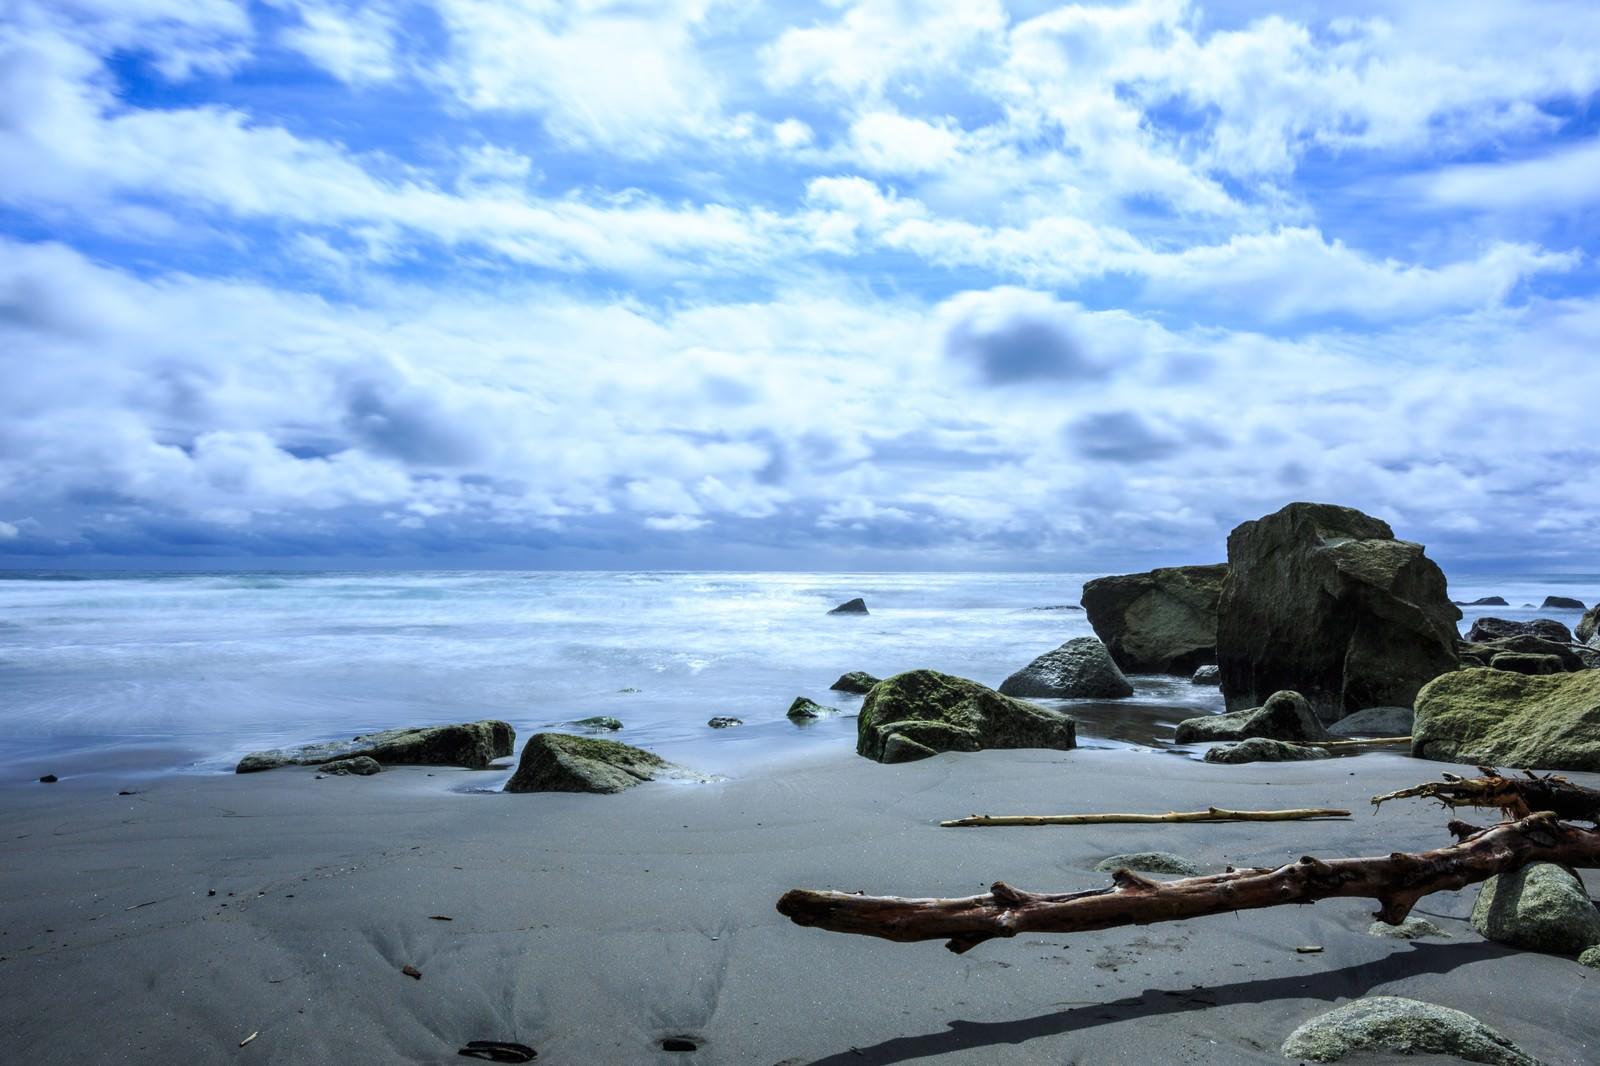 「流木と砂浜」の写真